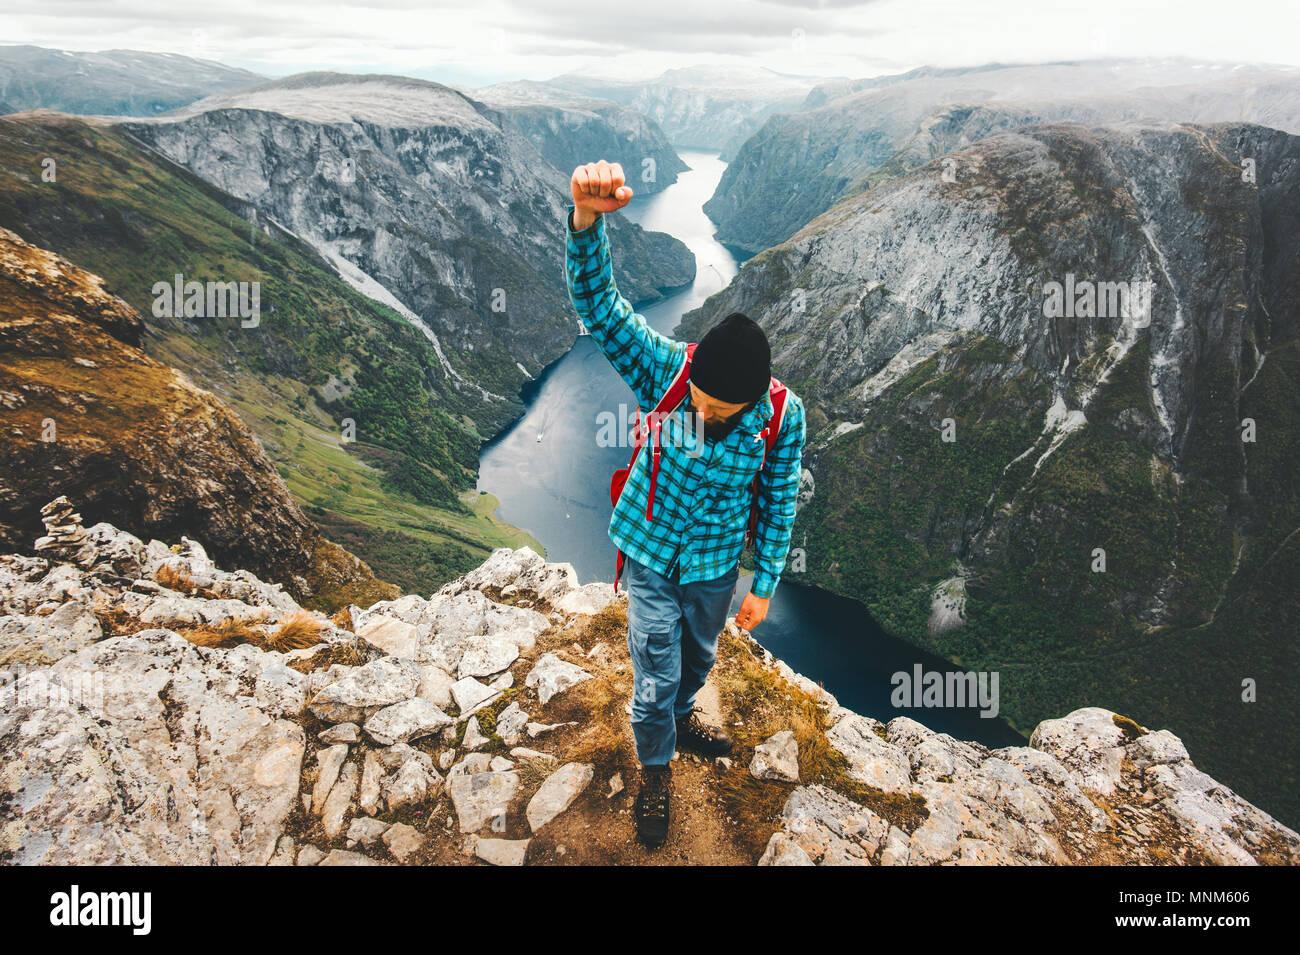 Felice l'uomo in viaggio in Norvegia montagne uno stile di vita attivo per la fuga di un week end vacanze avventura successo vincitore concetto vista aerea paesaggio Immagini Stock